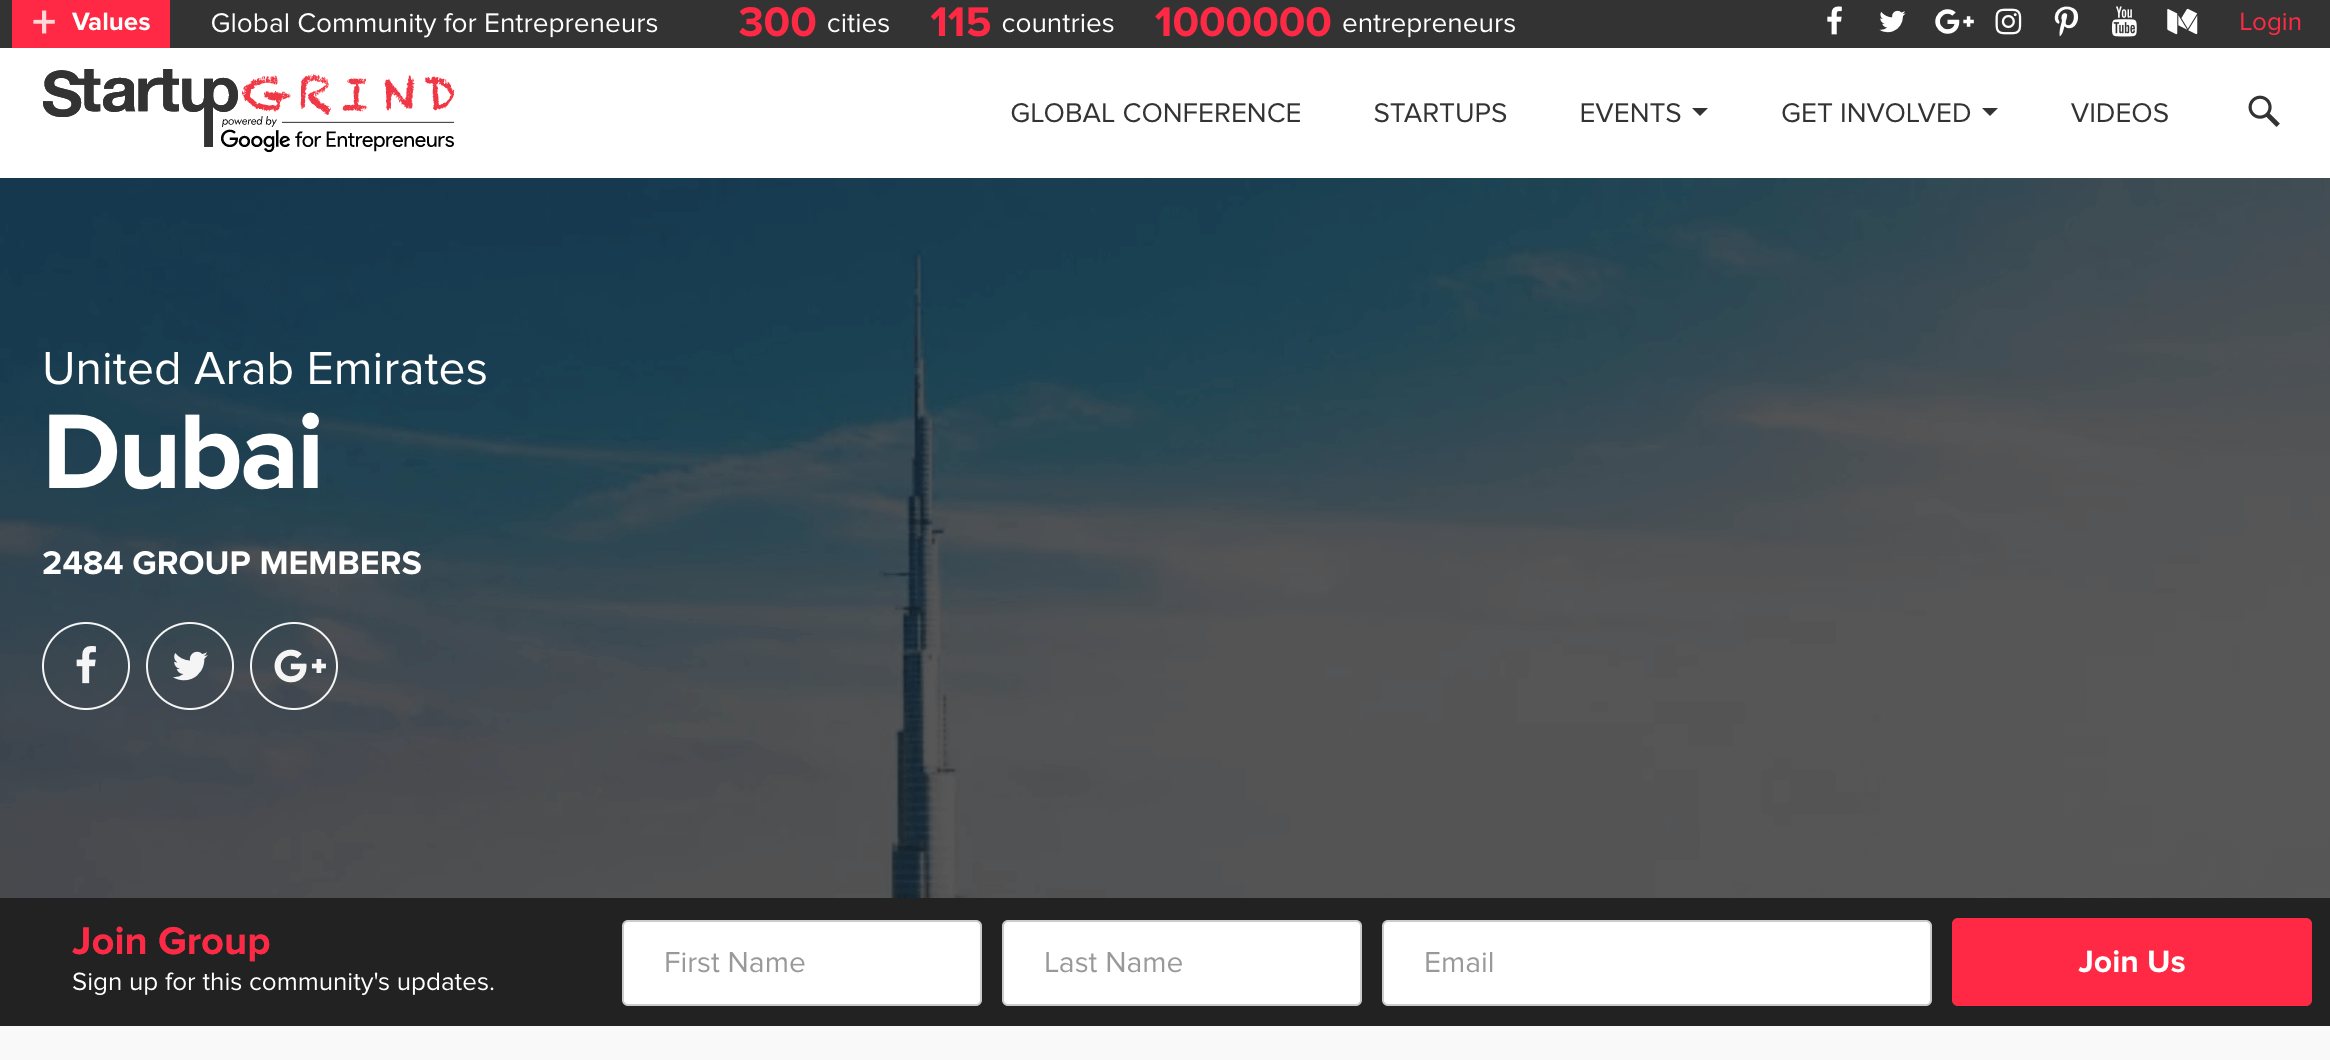 Поиск клиентов и партнеров в Сингапуре